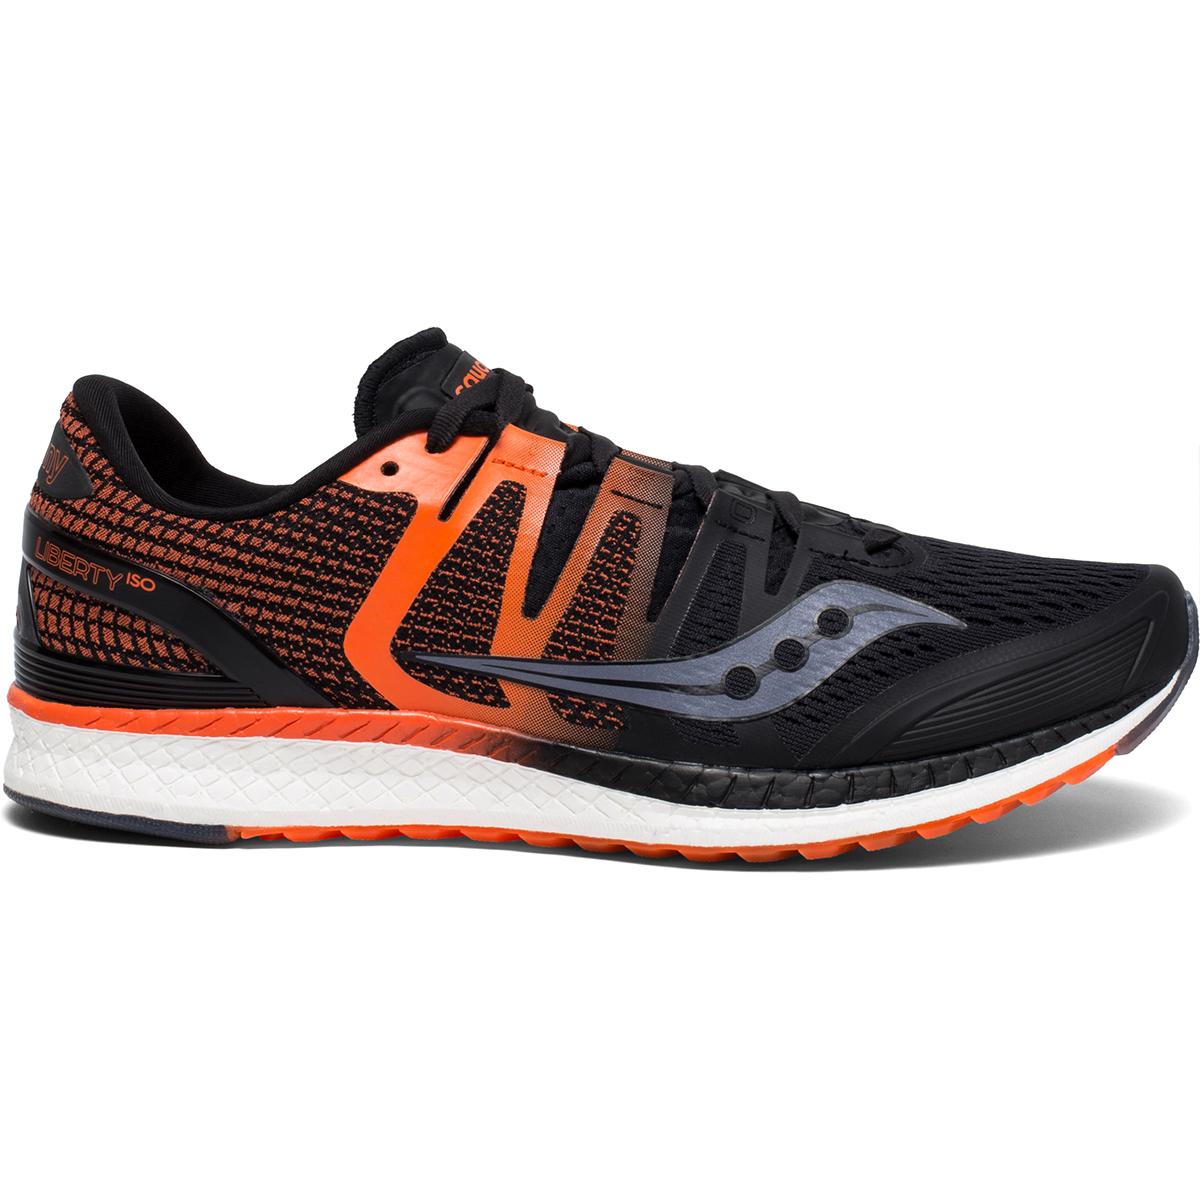 Saucony Men's Liberty Iso Running Shoe - Black, 10.5